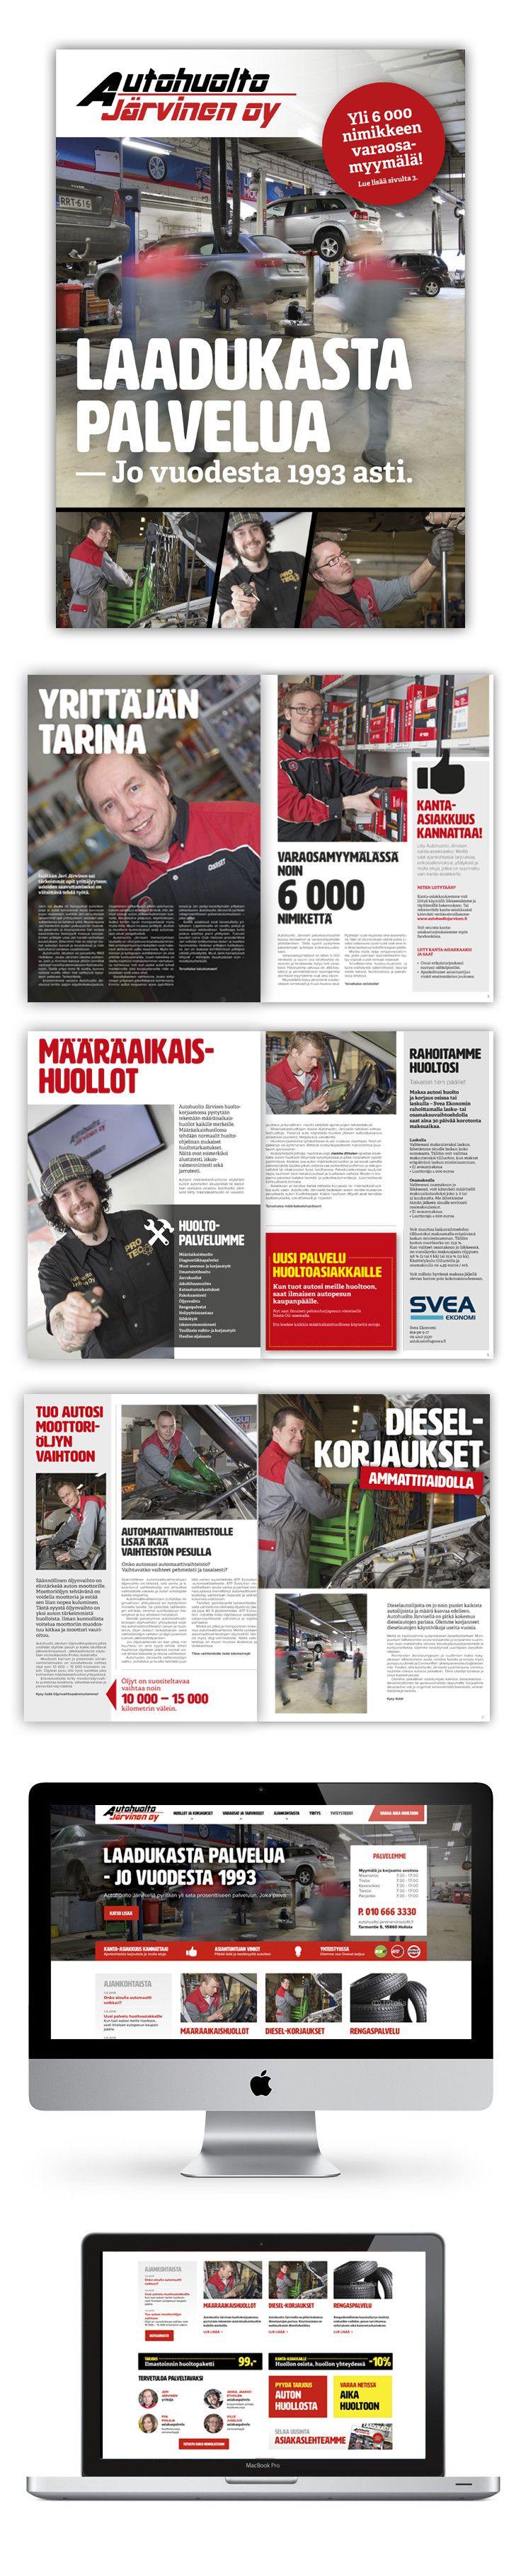 Asiakas: Autohuolto Järvinen Oy. Avainsanat: valokuvaus, esitesuunnittelu, kanta-asiakaskampanja, verkkosivuston suunnittelu, responsive web